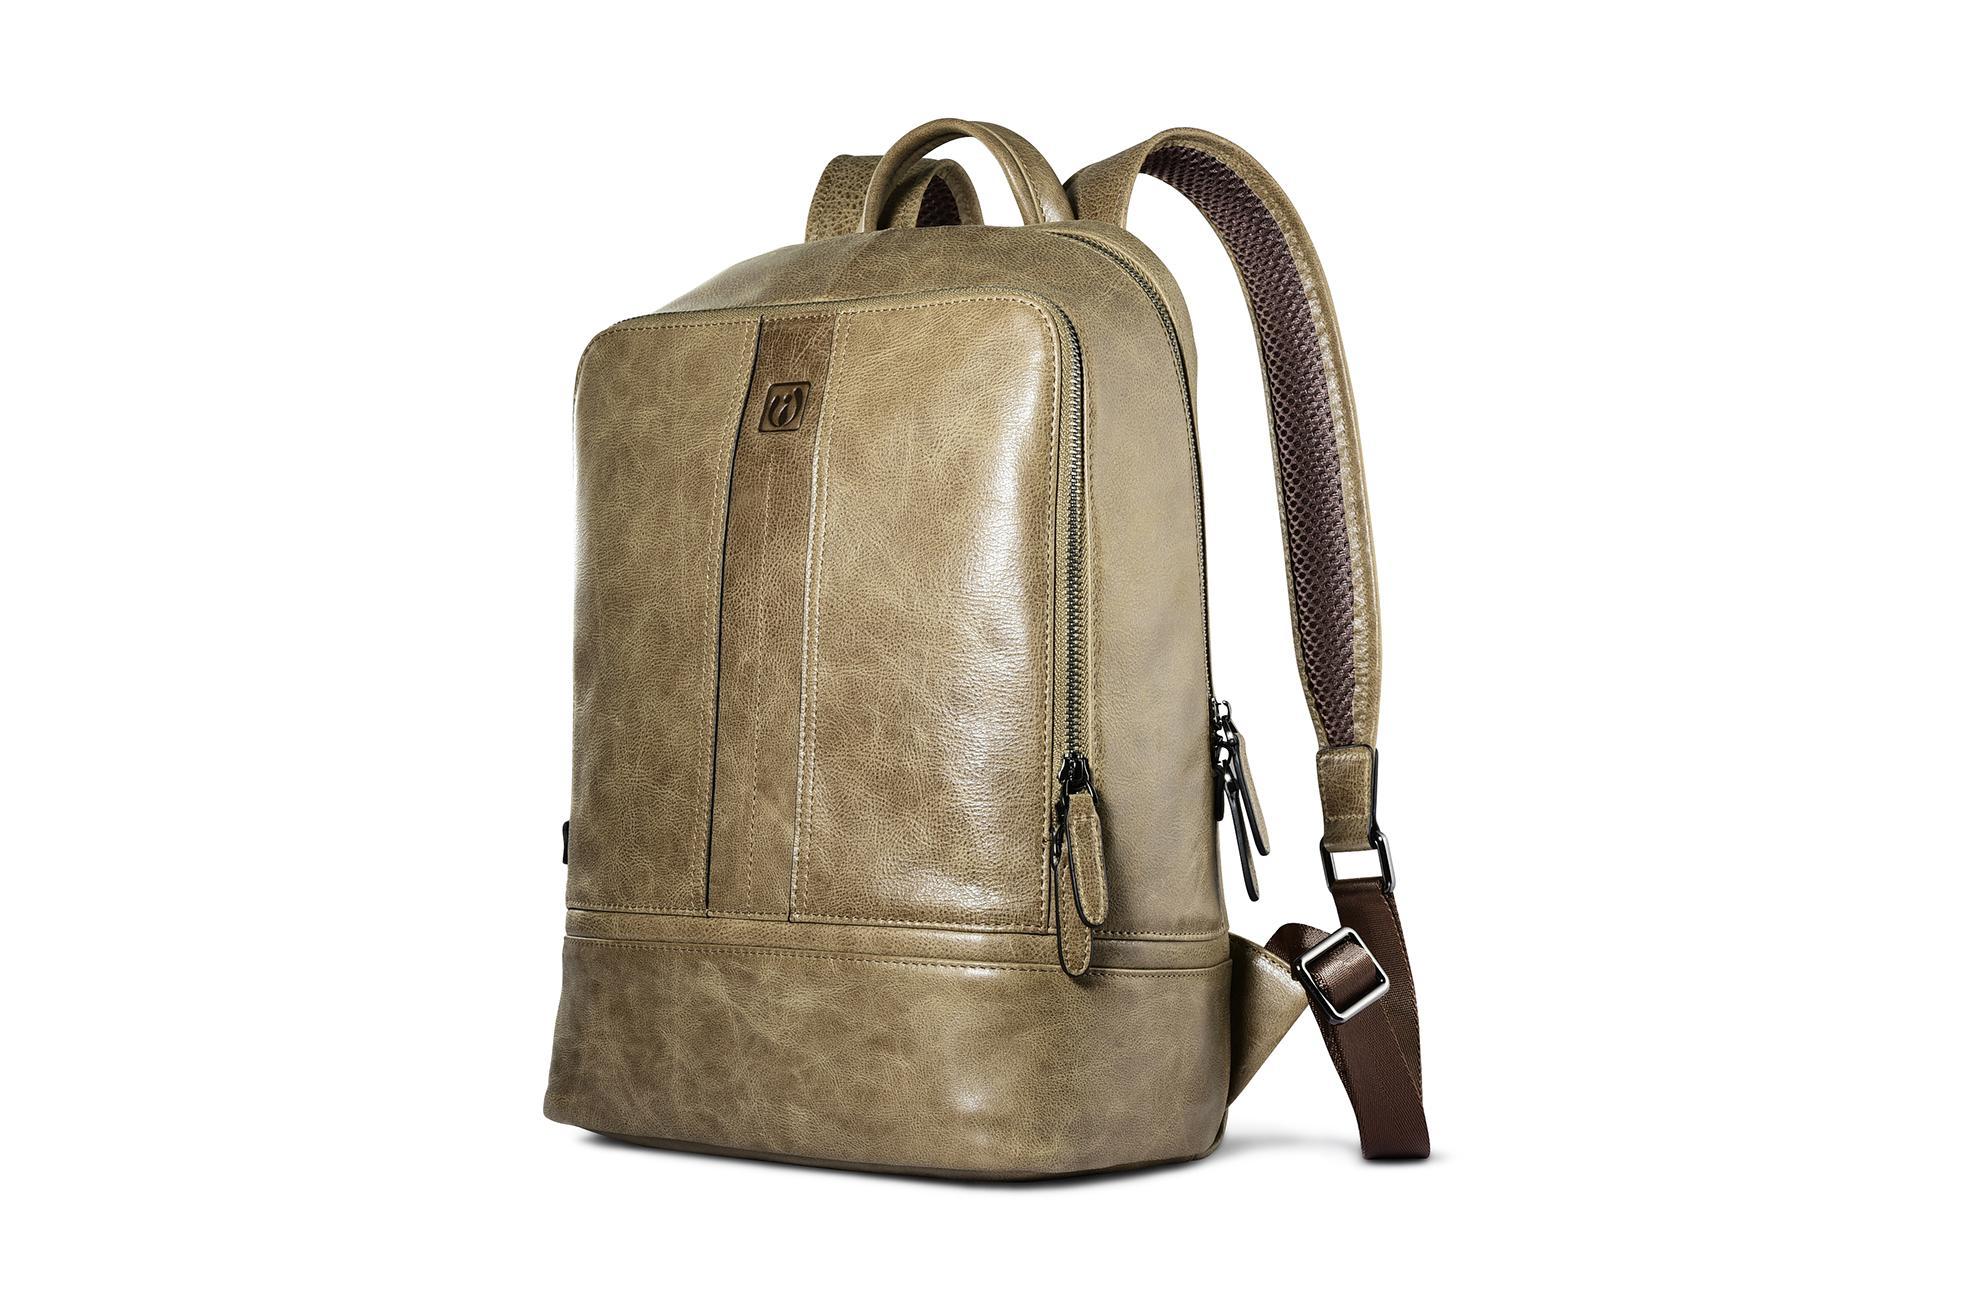 iCarer Shenzhou Real Leather Backpack 3